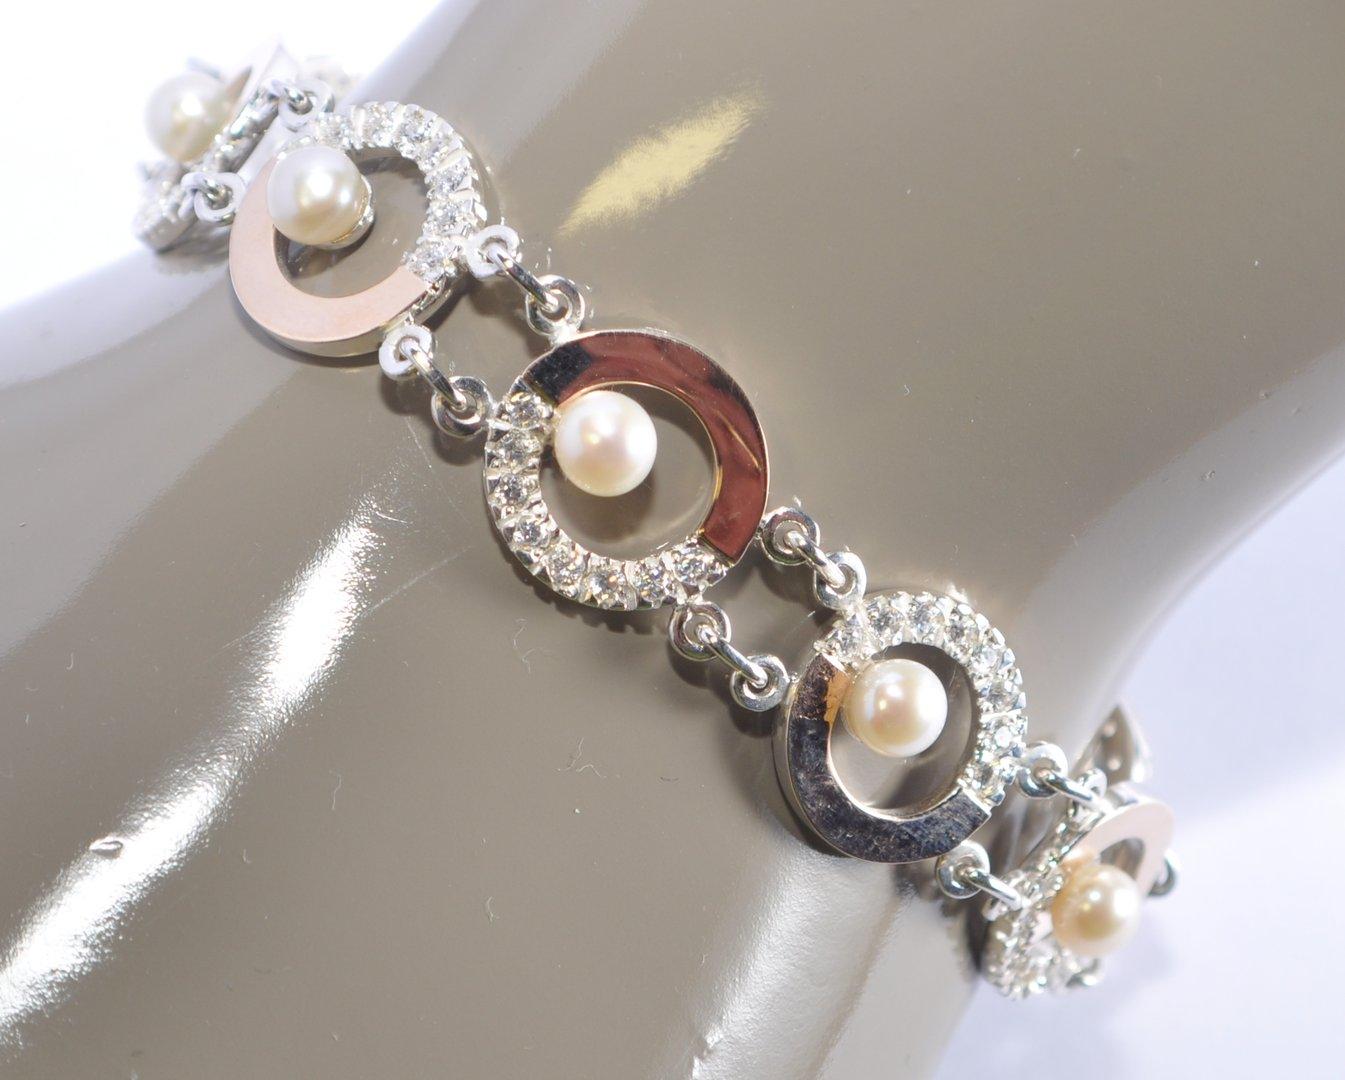 925 Silber und Gold 585 Armband mit Perlen und Swarovski Steine